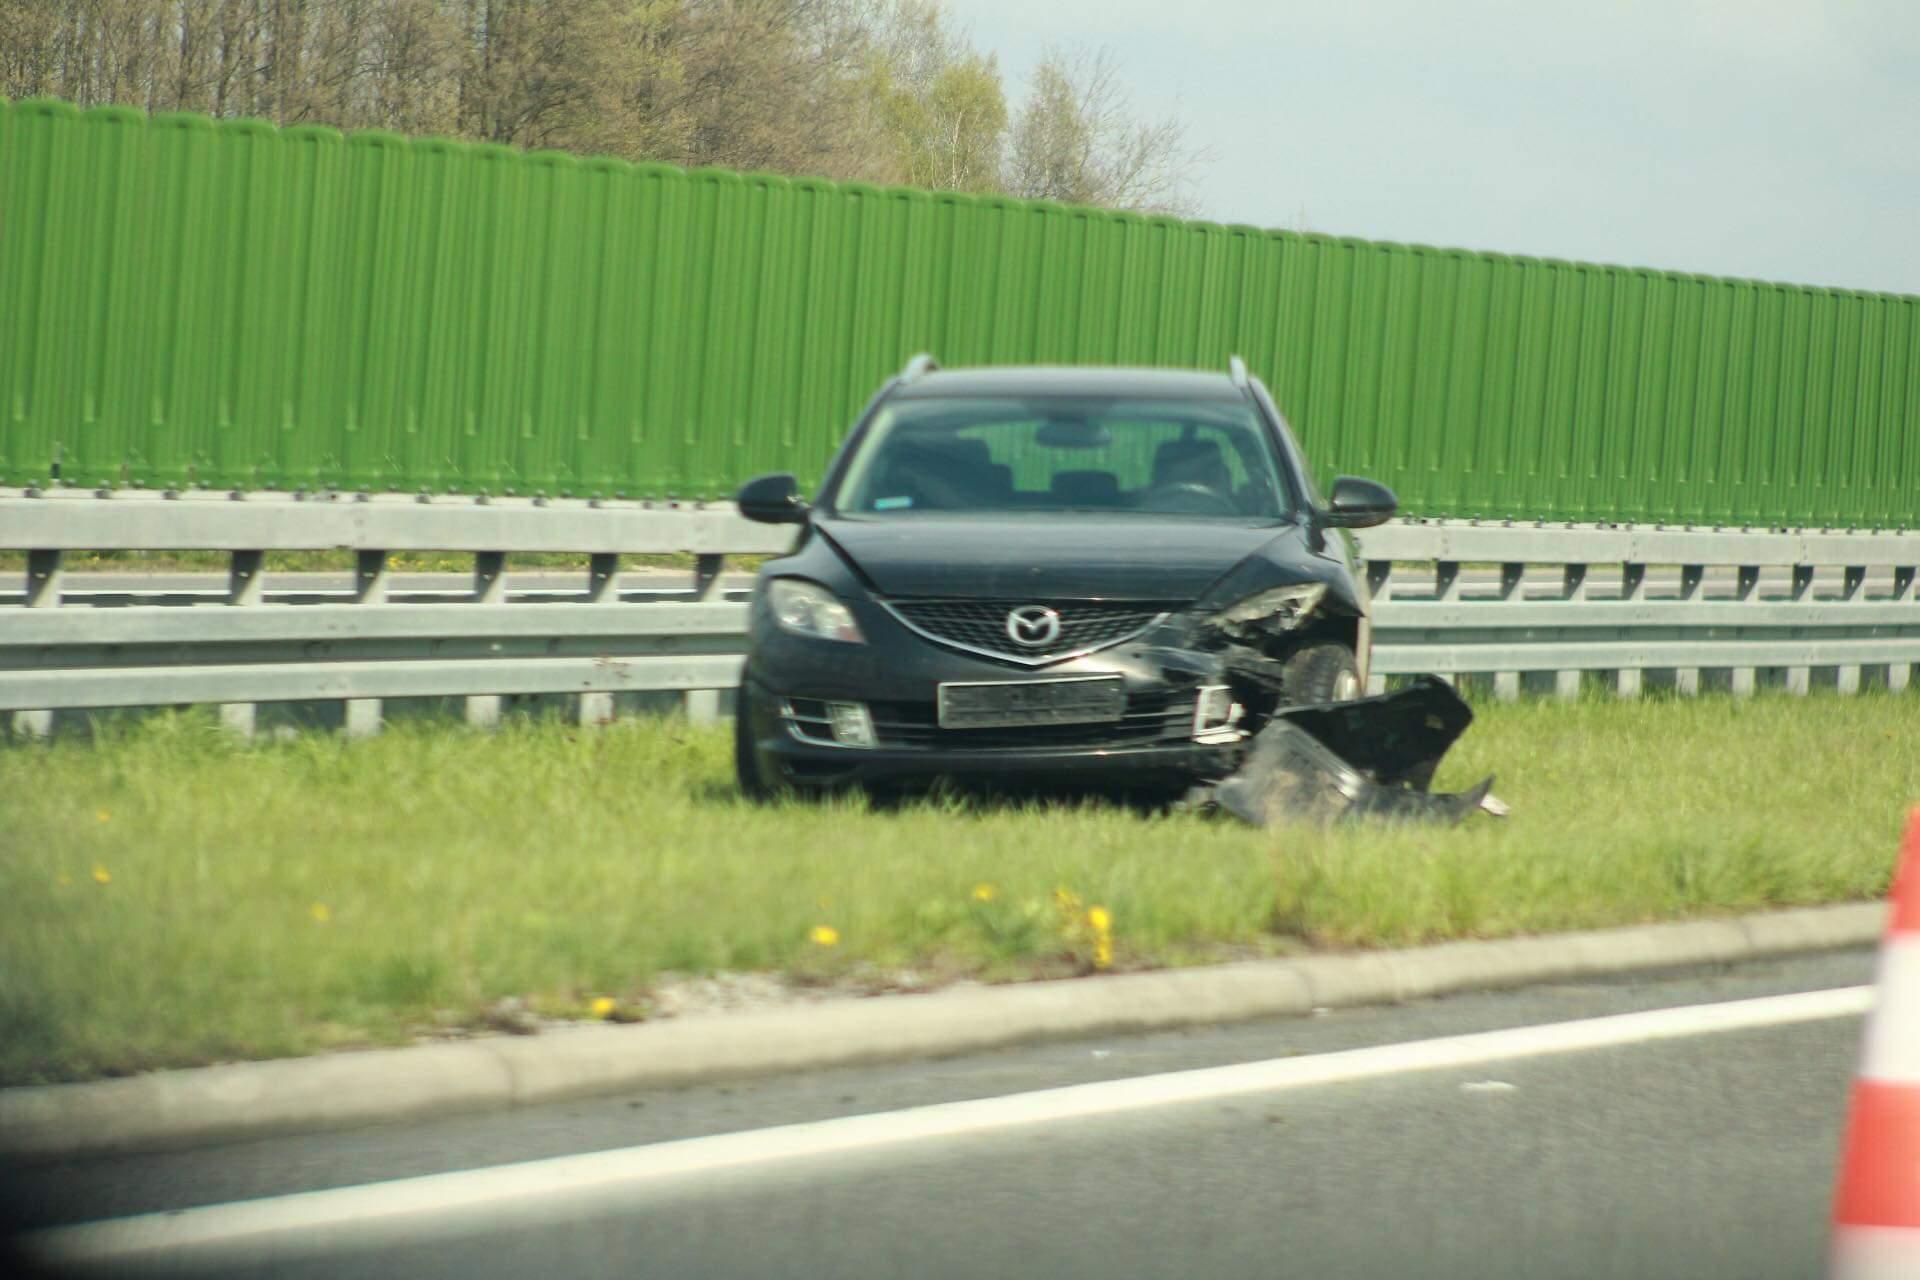 Wypadek na autostradzie A4! - Zdjęcie główne